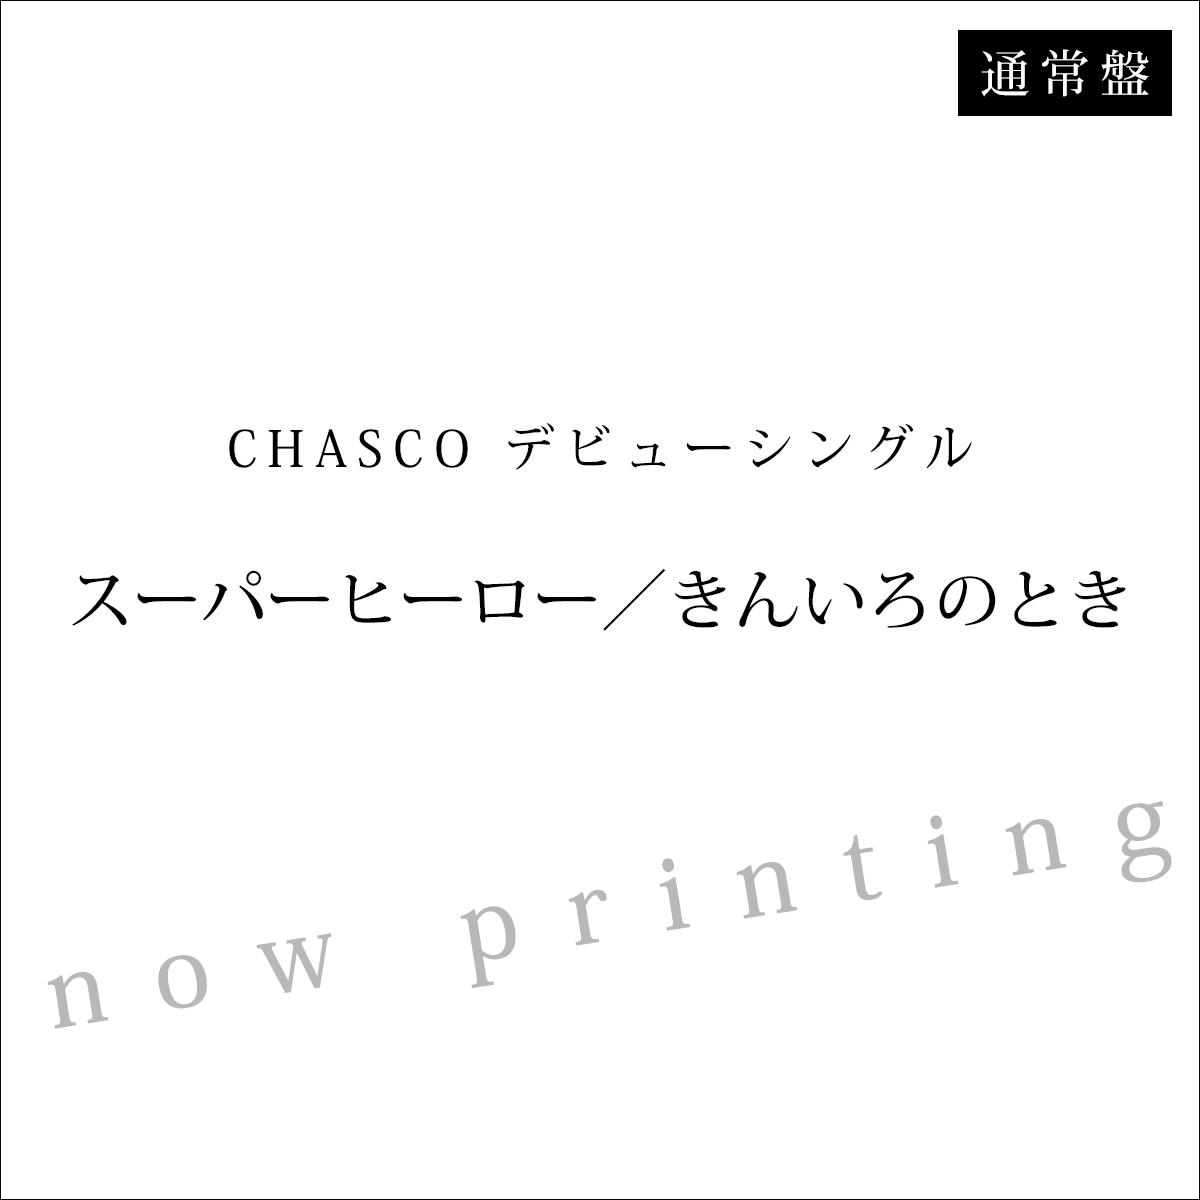 CHASCO デビューシングル『スーパーヒーロー/きんいろのとき』通常盤